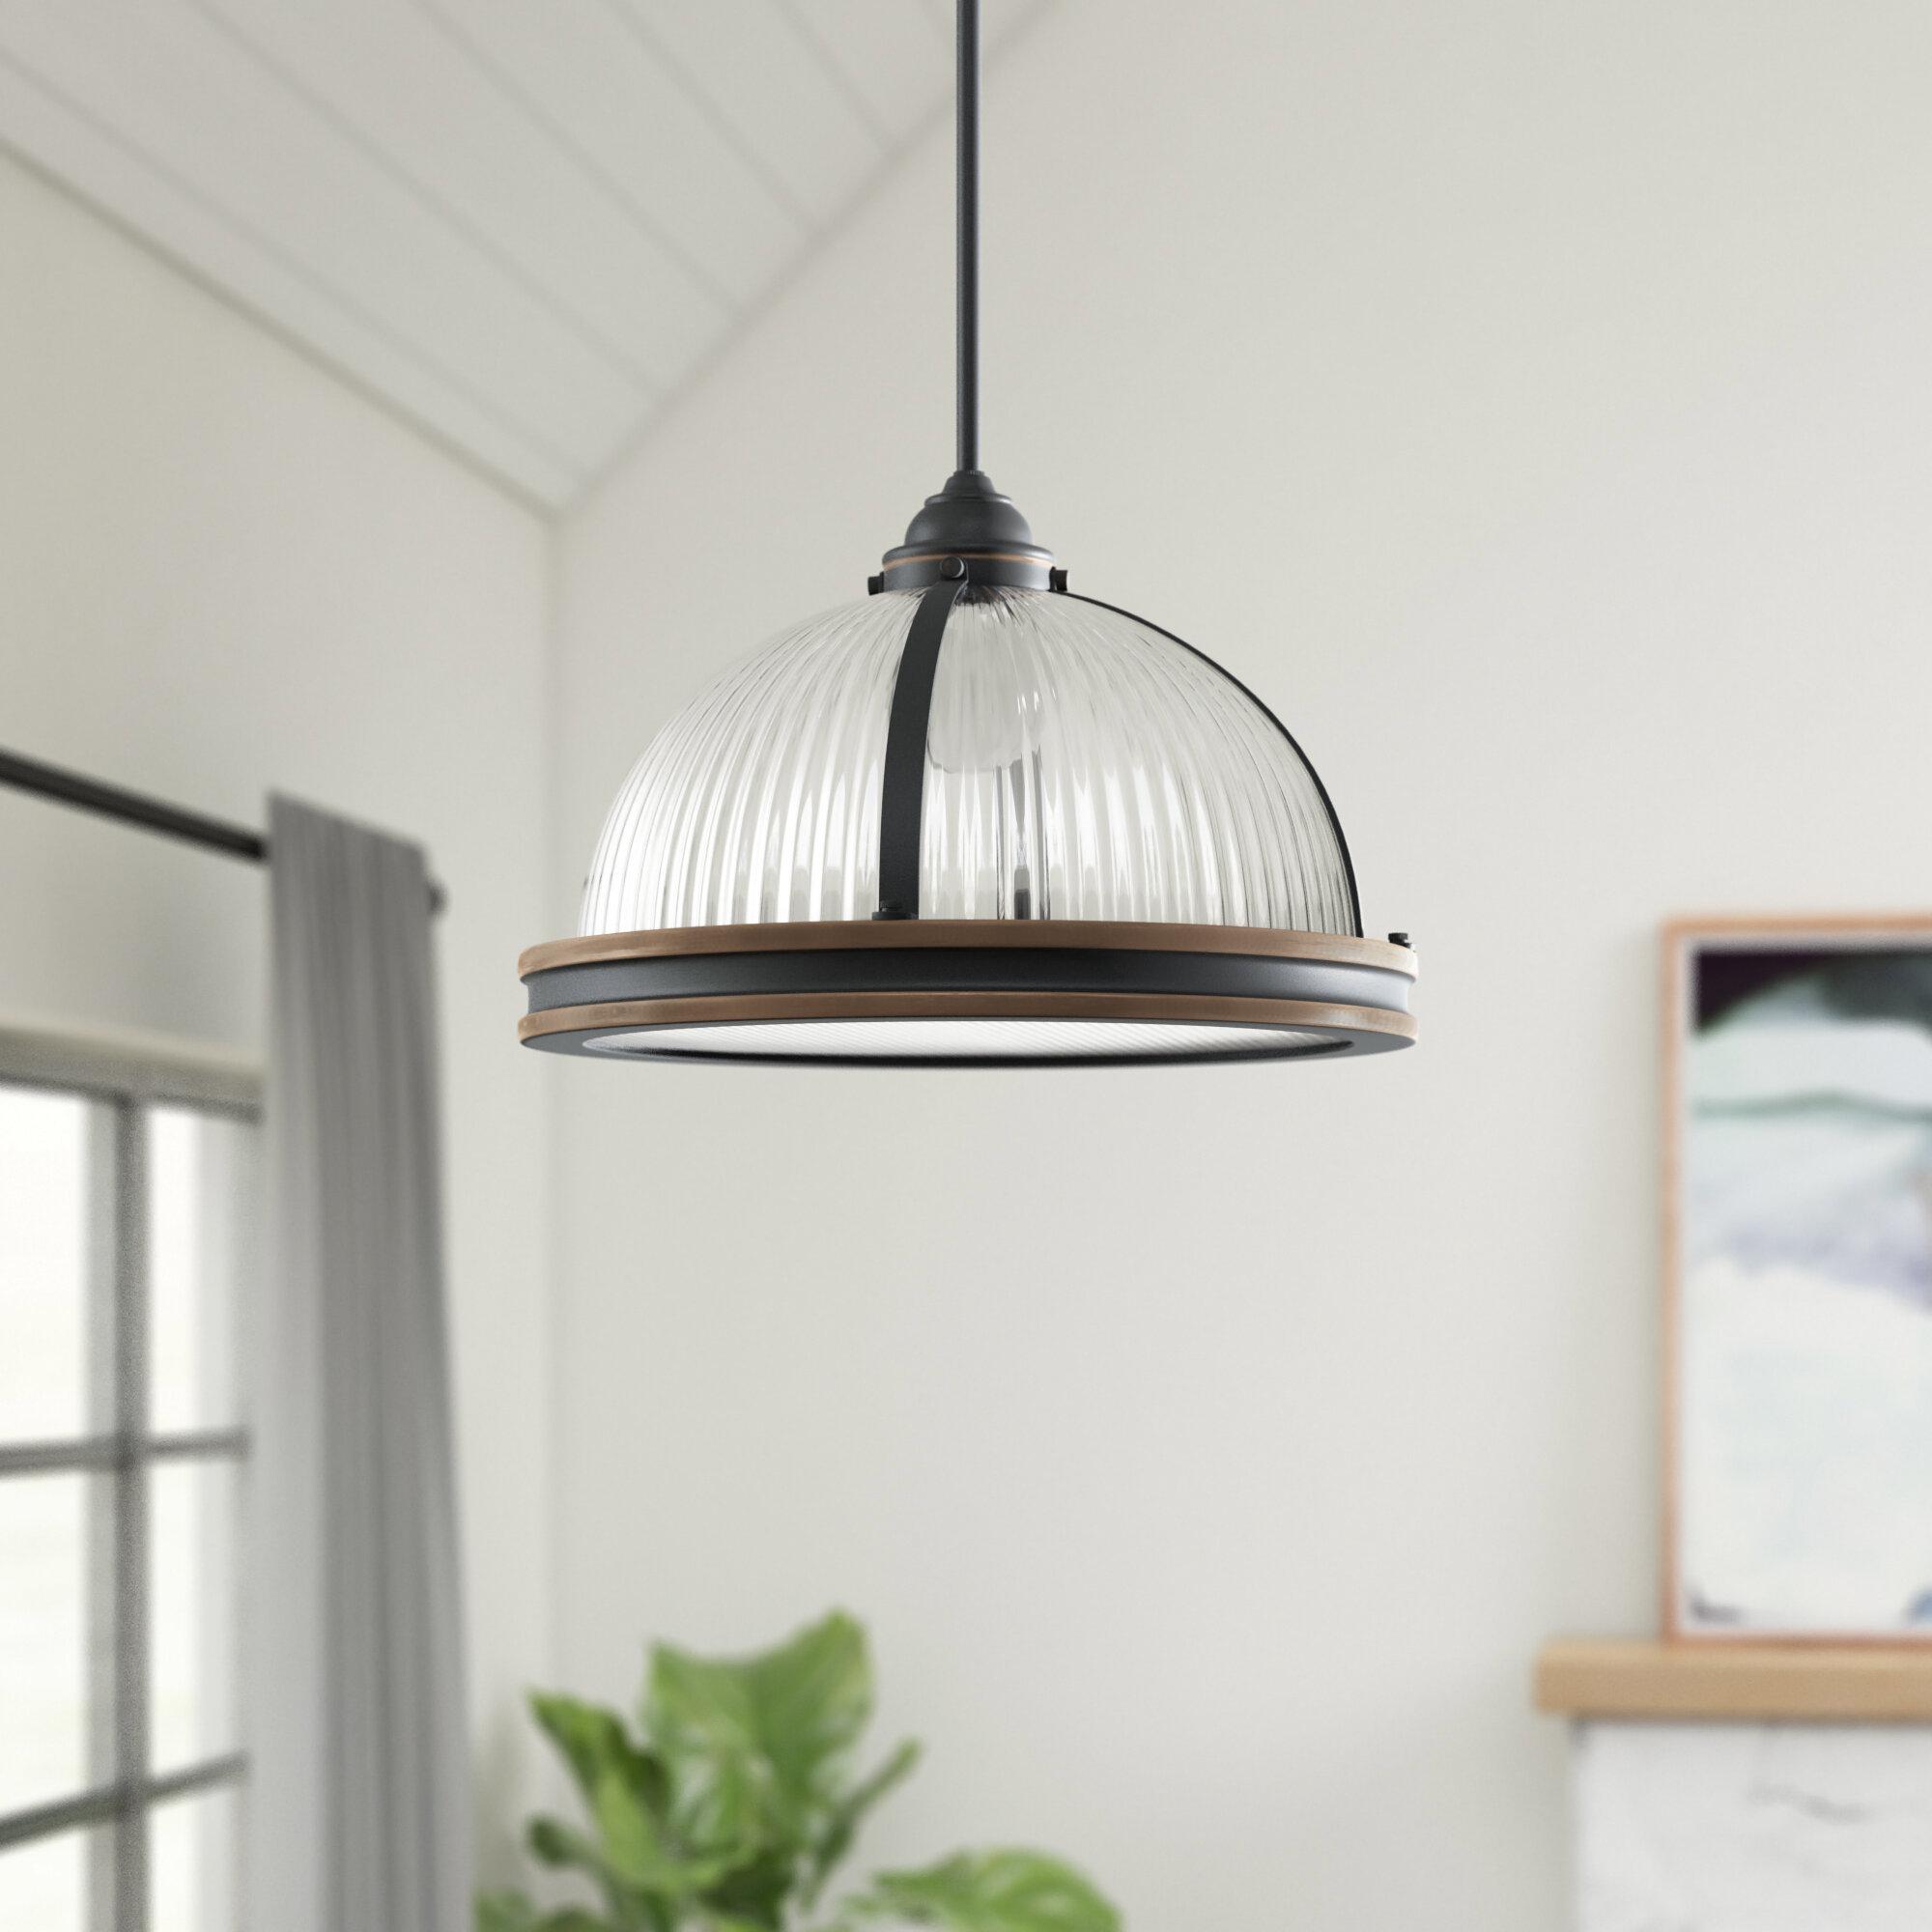 Granville 3-Light Single Dome Pendant in Macon 1-Light Single Dome Pendants (Image 16 of 30)